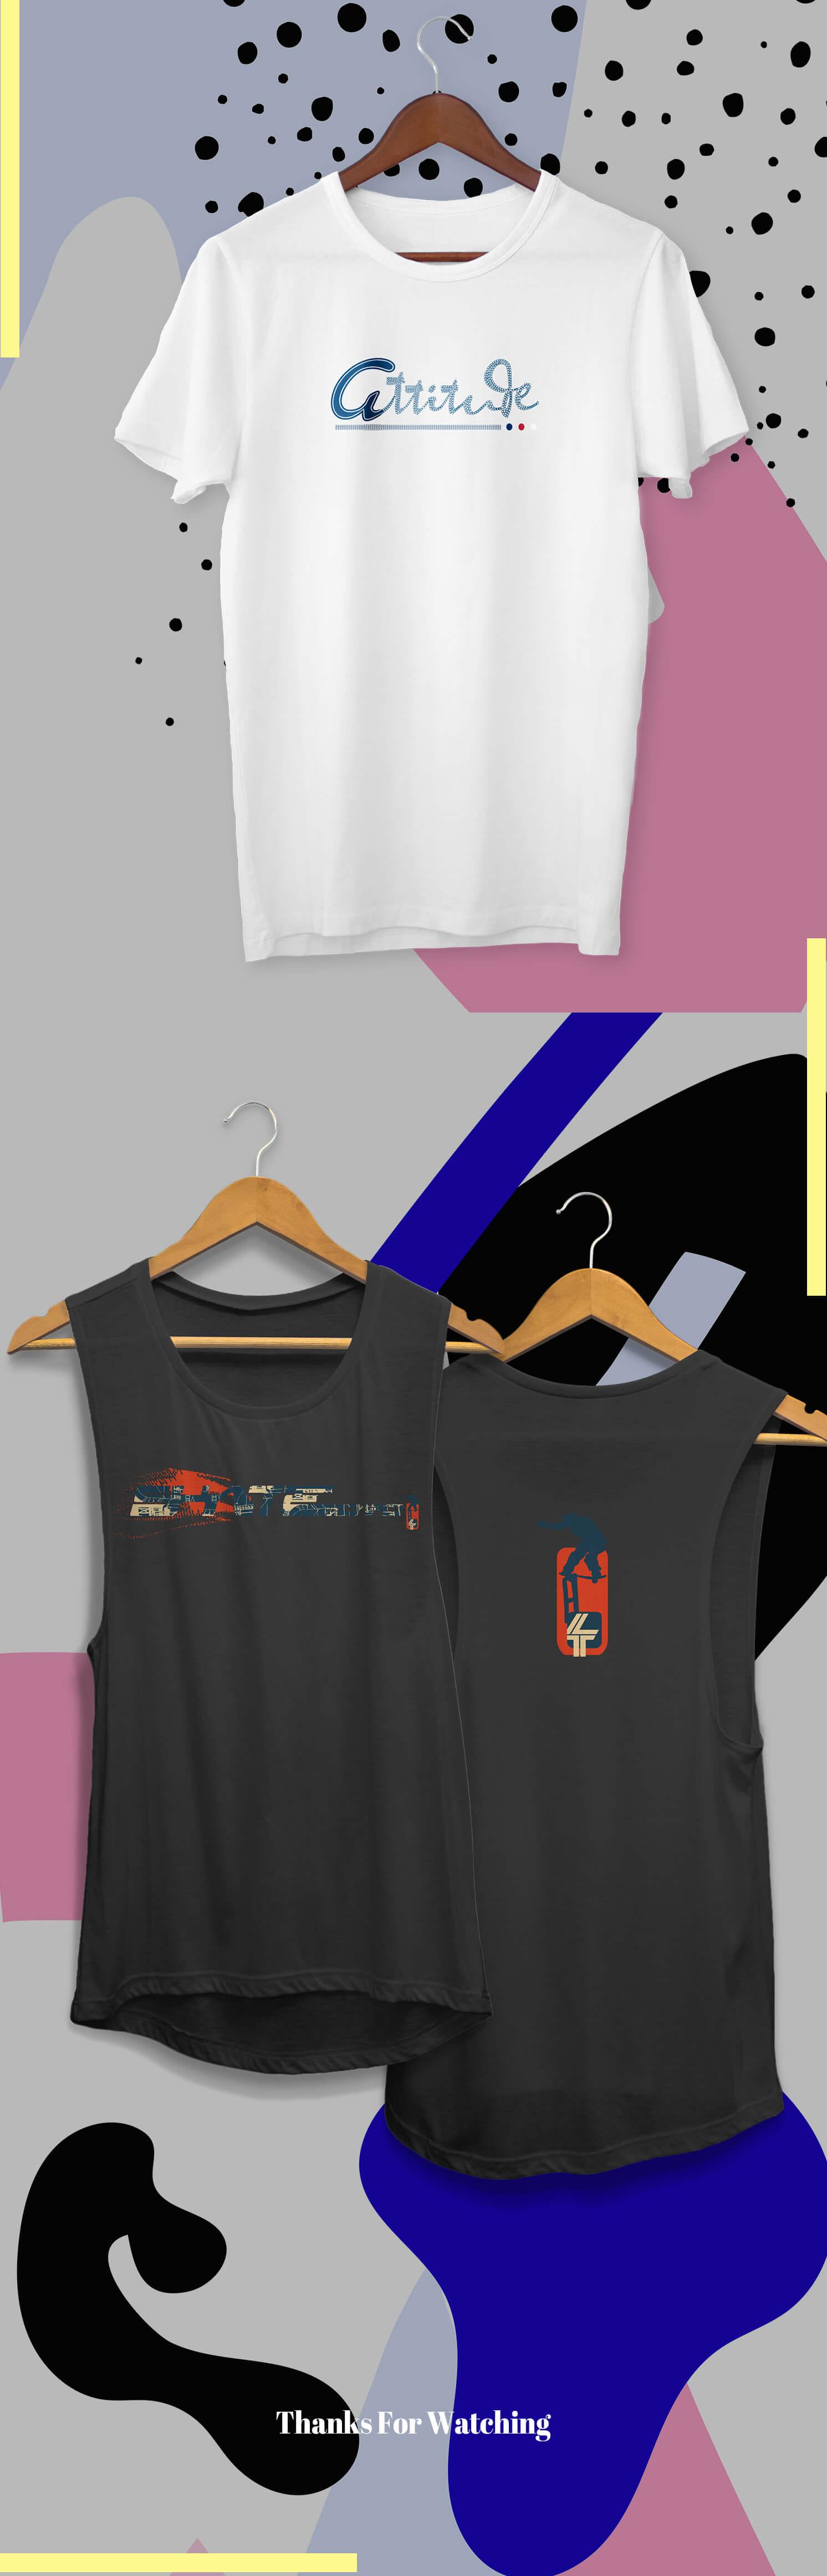 T-shirt design by ko-kane